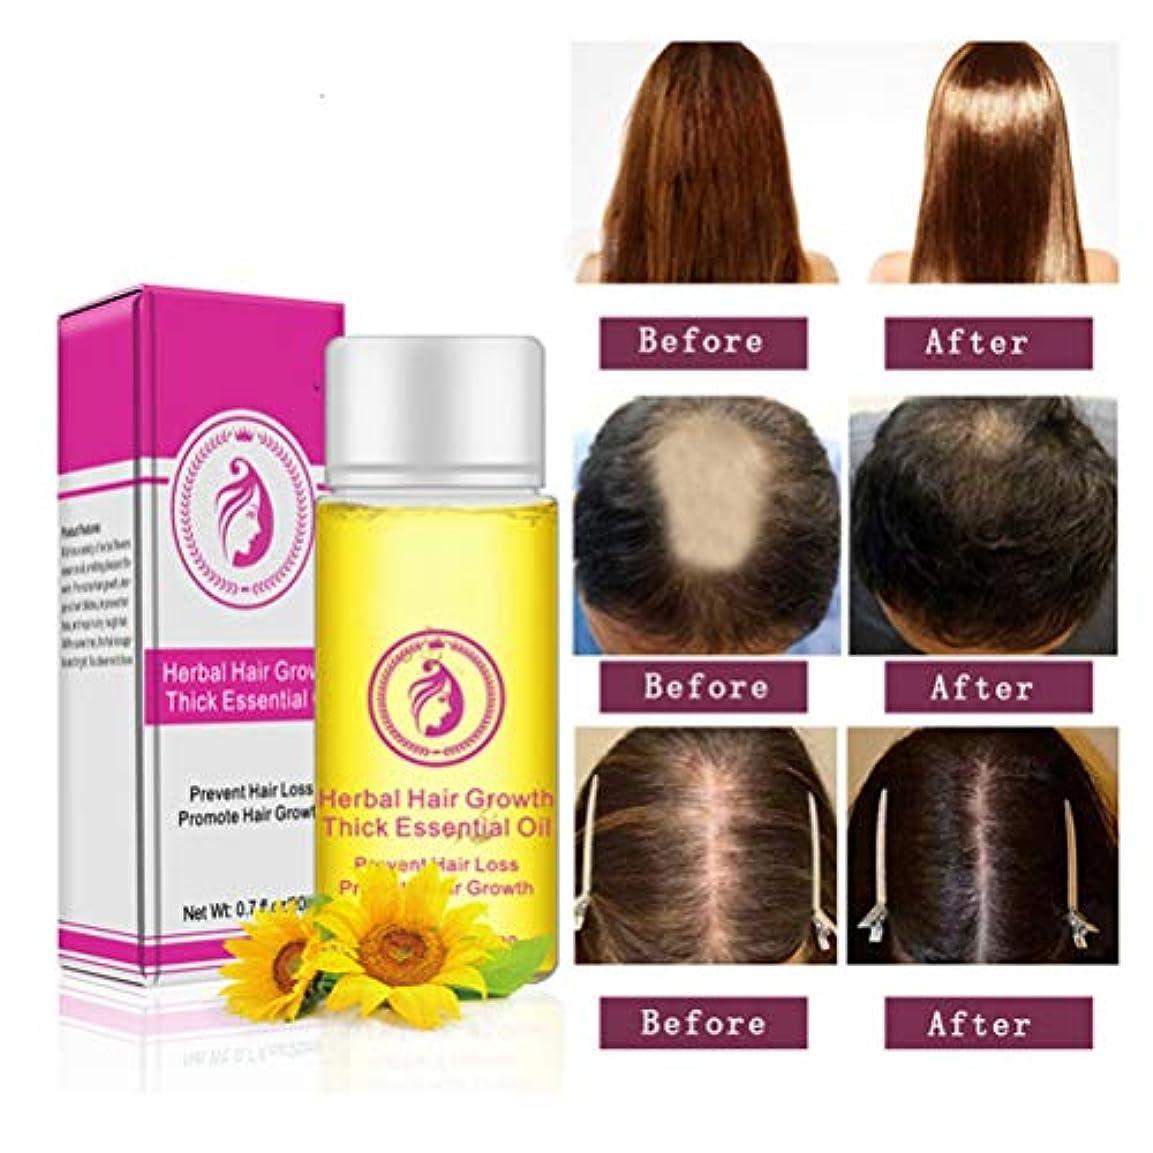 弓パーティション。BSMEAN 20mlヘアセラム、育毛セラム、薄毛用育毛オイル、脱毛防止セラム、発毛促進、毛根の強化、男性および女性用の再成長製品